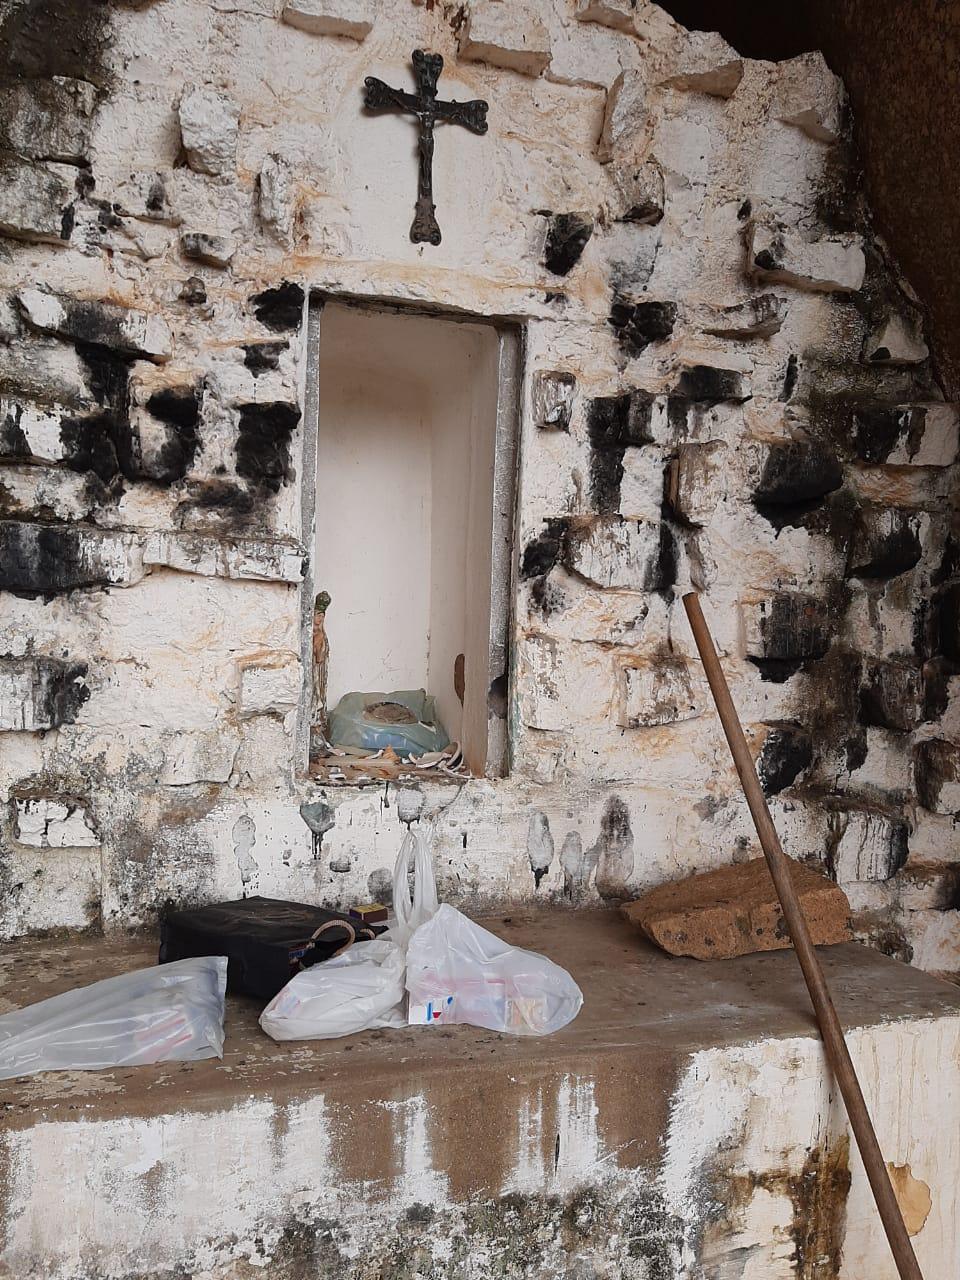 IMG-20201102-WA0314 Em Monteiro: Imagem de Nossa Senhora de Lourdes é destruída na gruta de Santa Catarina